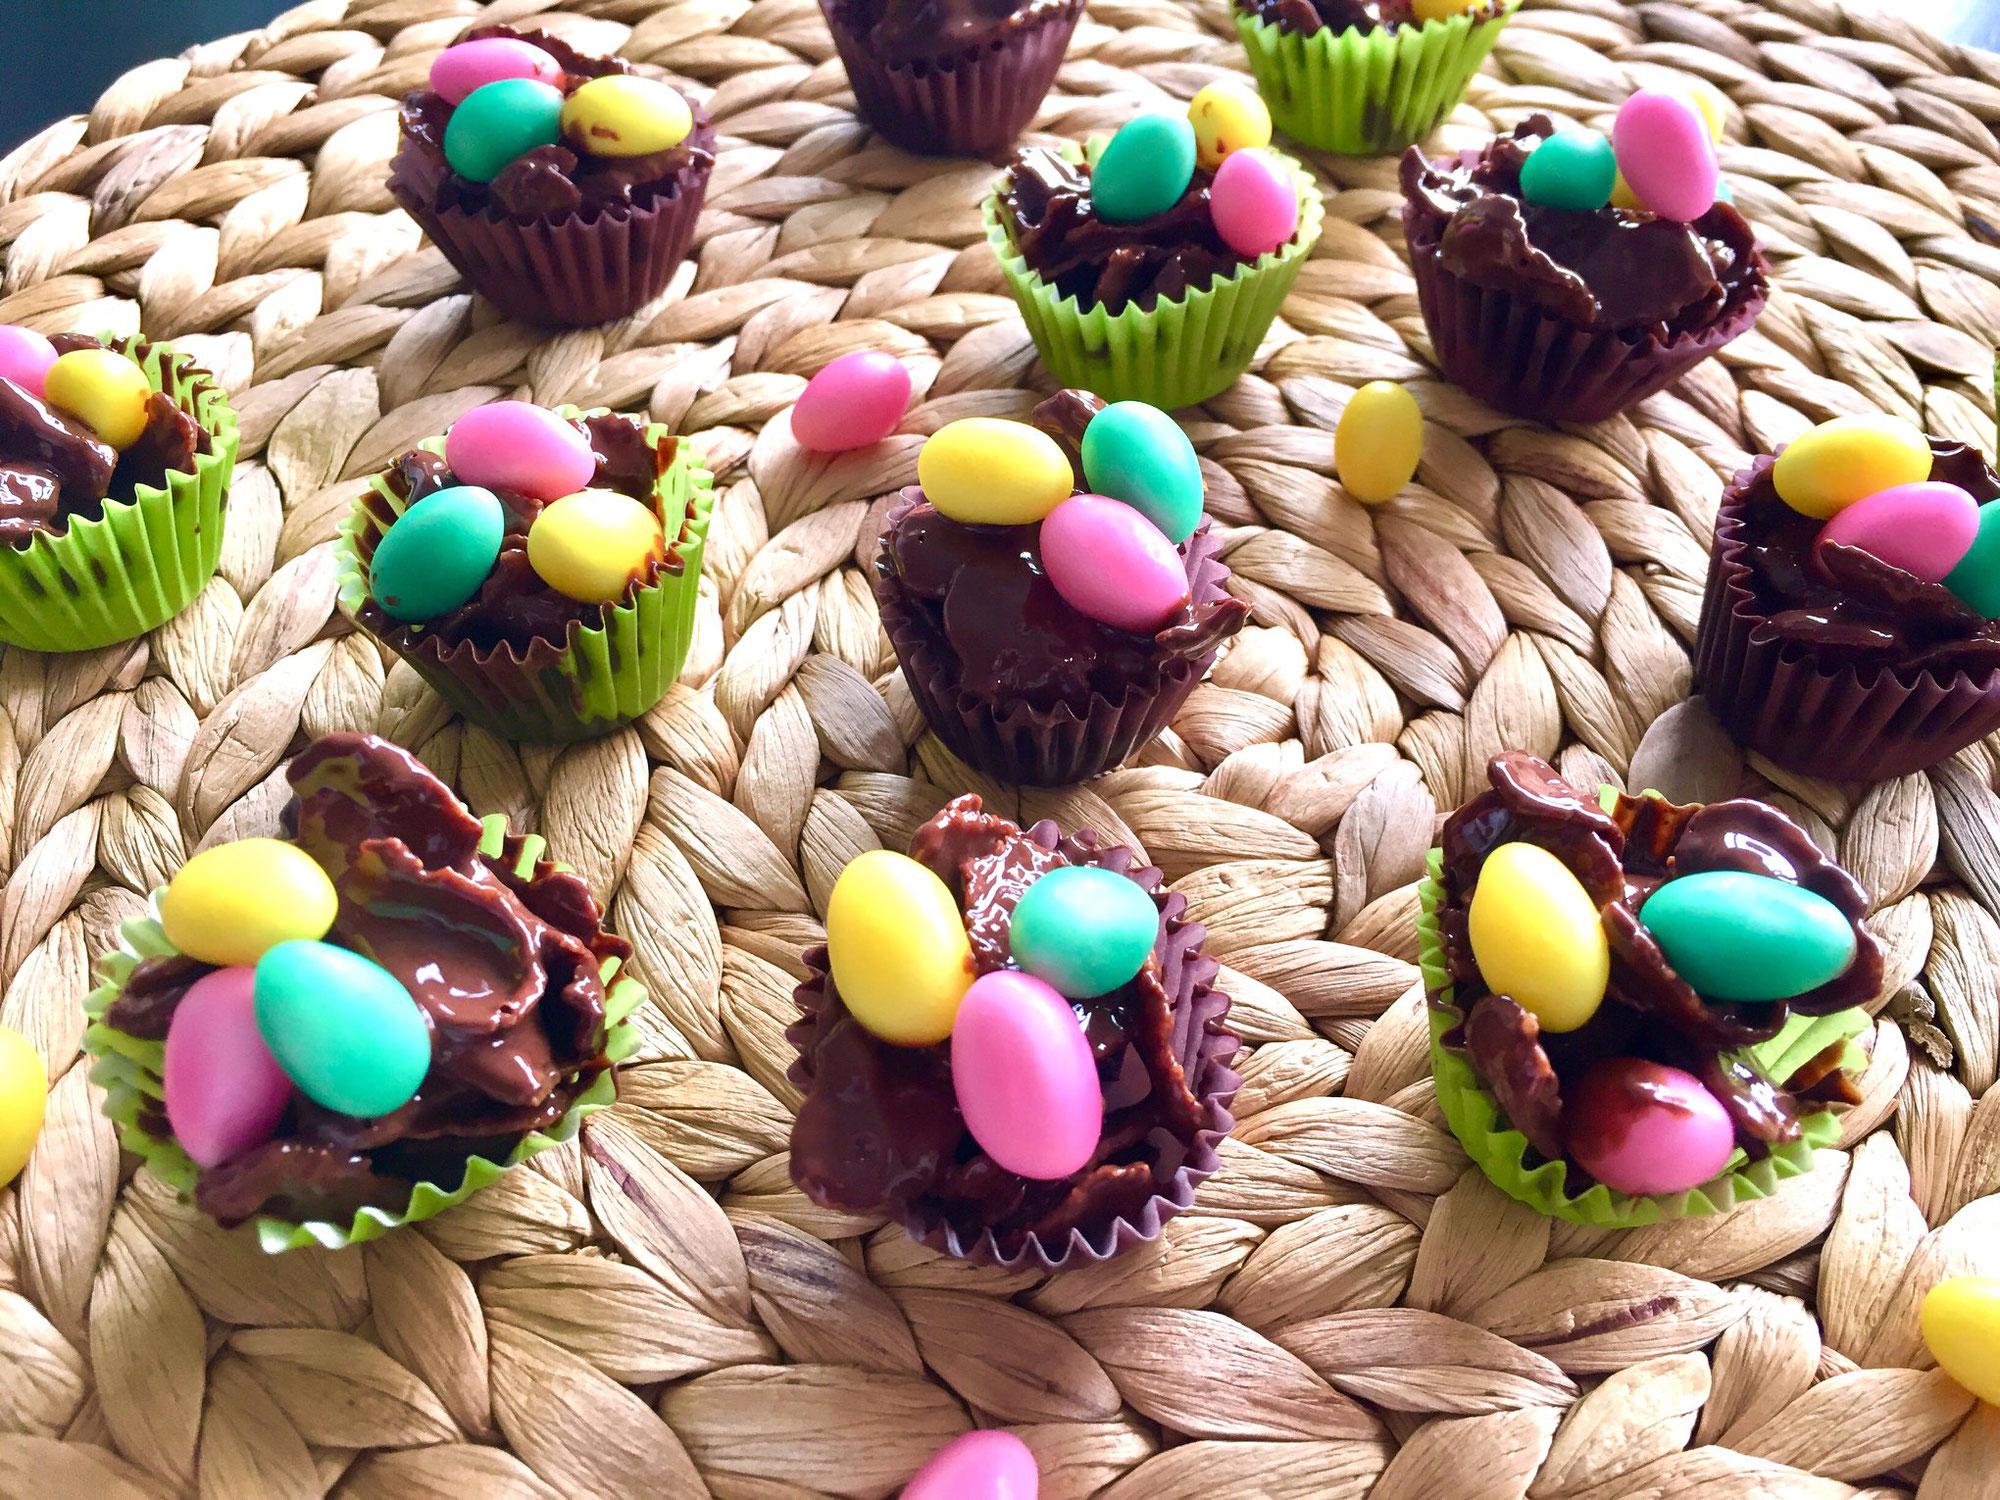 Osternest neu interpretiert ... mit Schokolade!